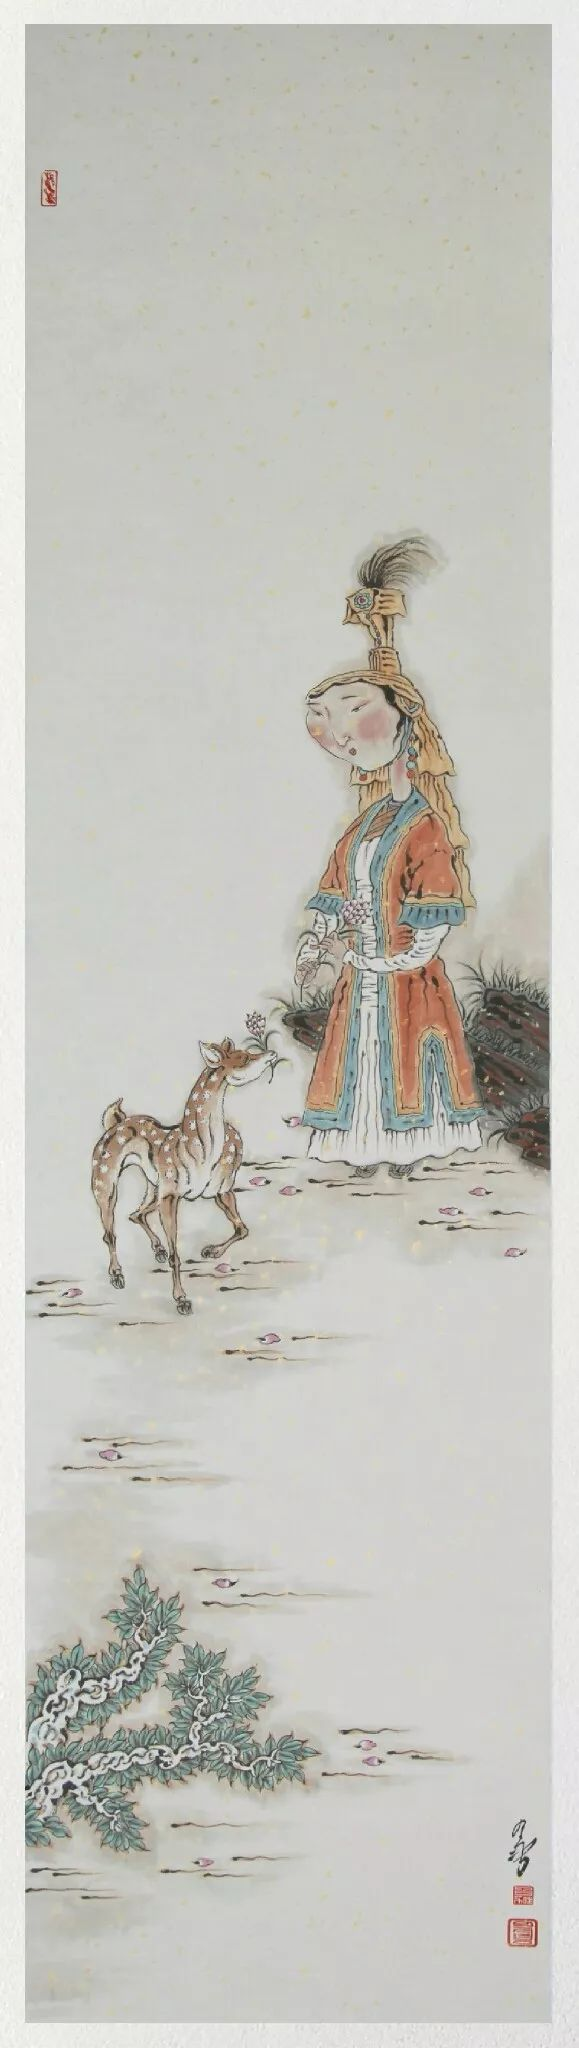 内蒙古当代美术家系列——白嘎力中国画作品选 第23张 内蒙古当代美术家系列——白嘎力中国画作品选 蒙古画廊